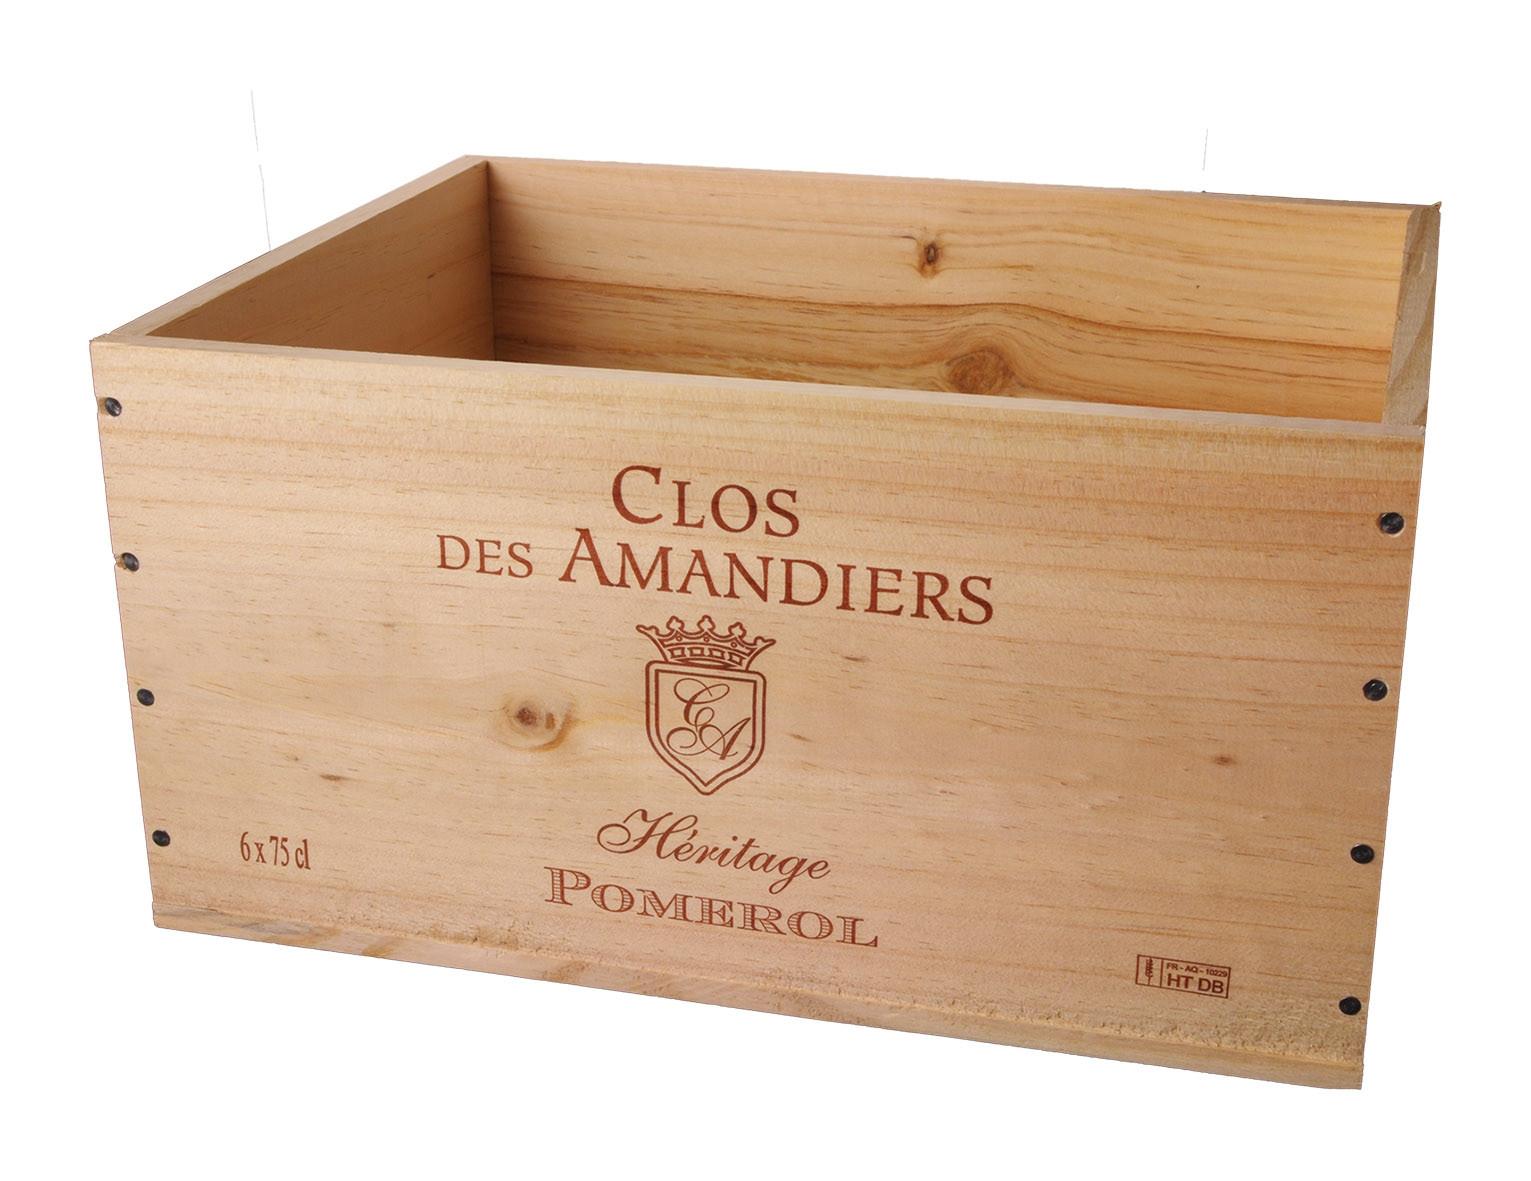 Caisse Bois 6x75cl estampillé Clos des Amandiers www.odyssee-vins.com